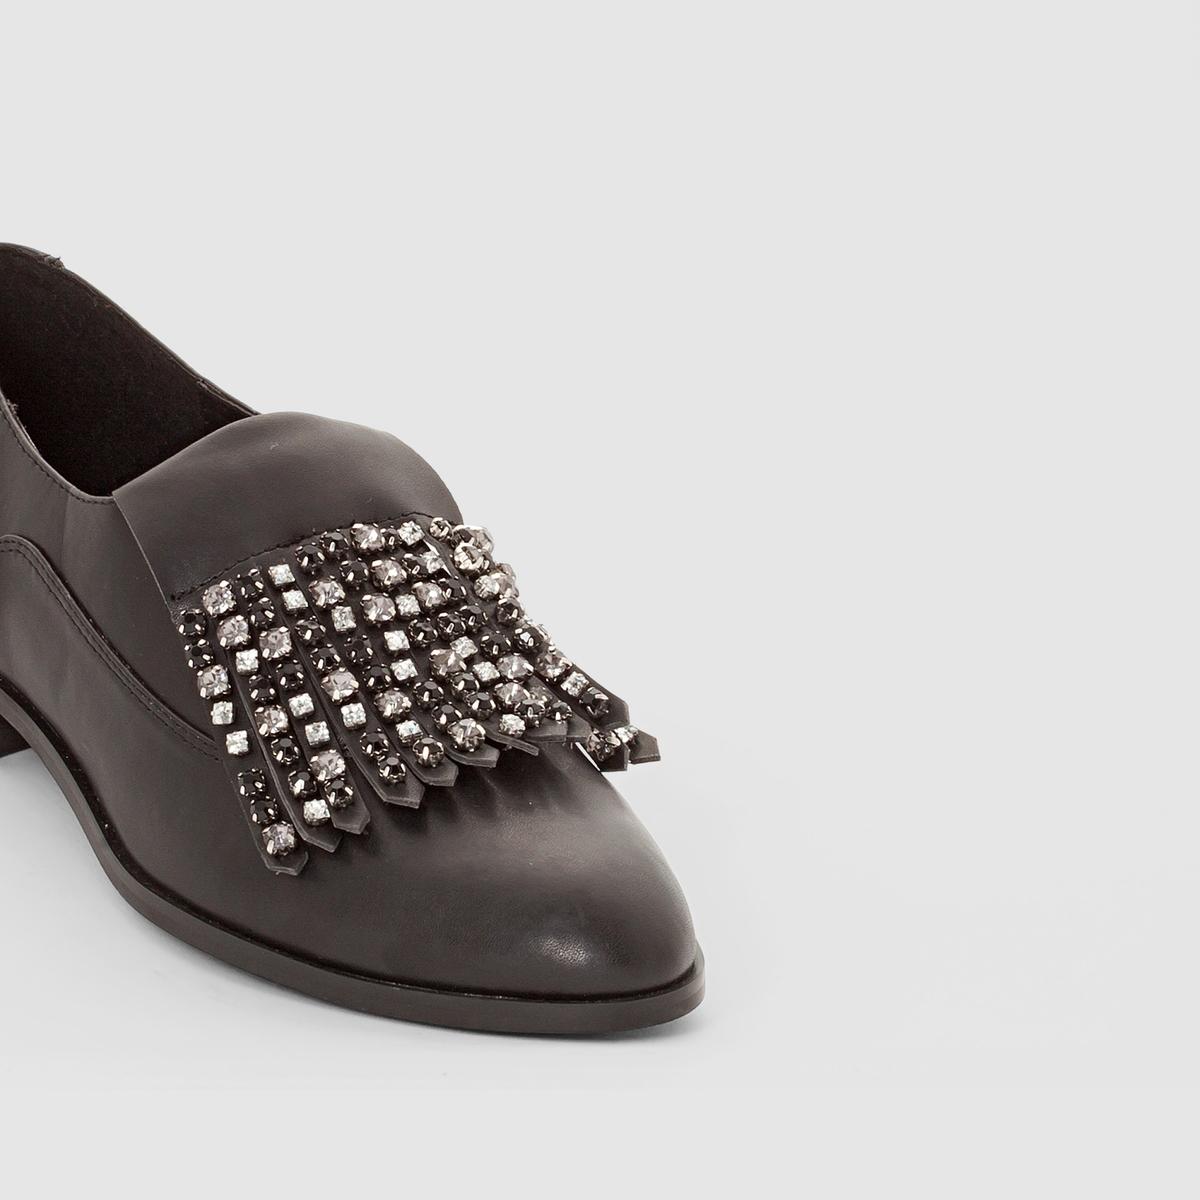 Ботинки-дерби со вставкой-украшениемВерх : синтетический материал     Подкладка : Кожа     Стелька : Кожа     Подошва : Эластомер     Высота каблука : плоский     Носок : Закругленный     Застежка : без застежки<br><br>Цвет: черный<br>Размер: 36